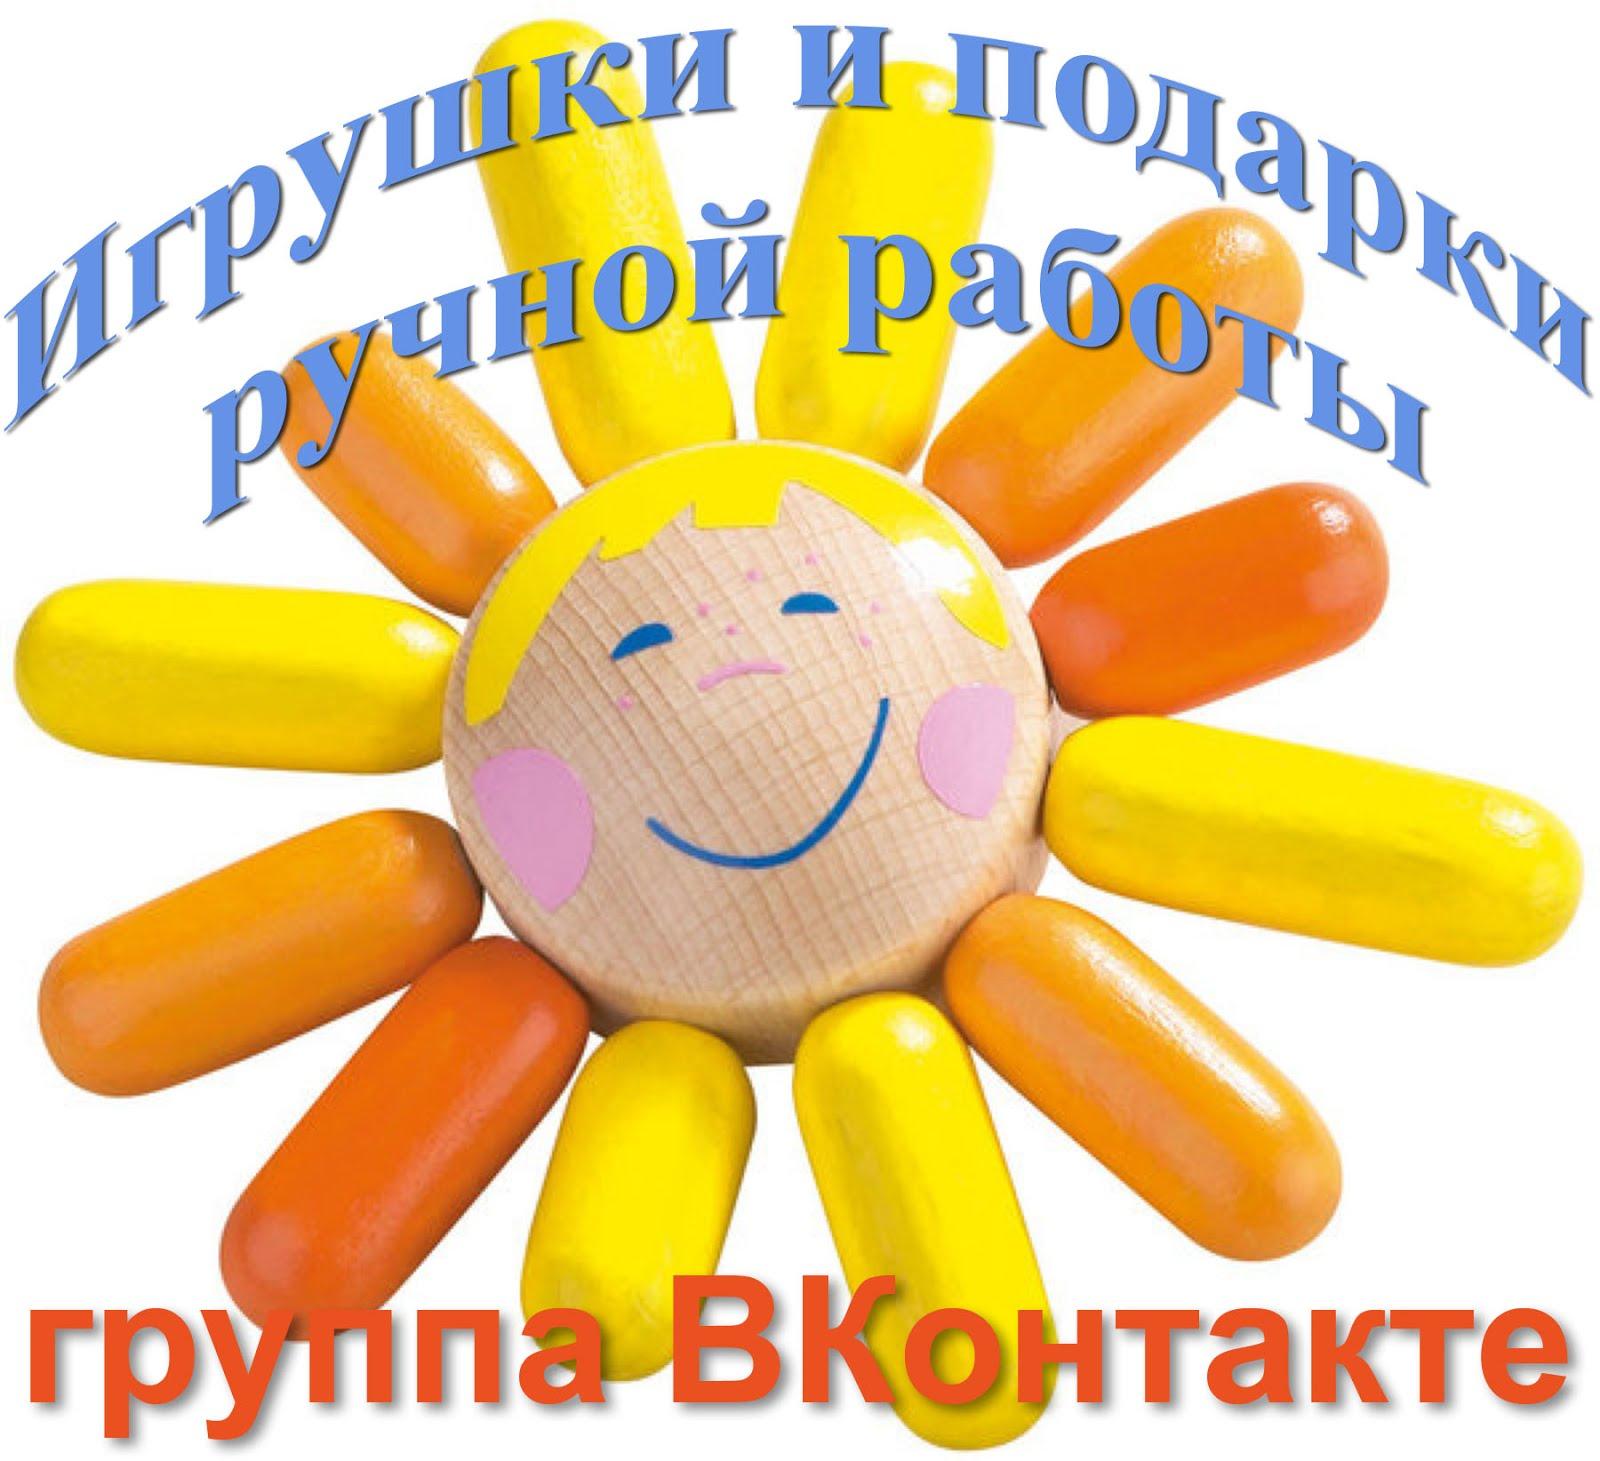 Игрушки и подарки ручной работы в Слаянске-на-кубани